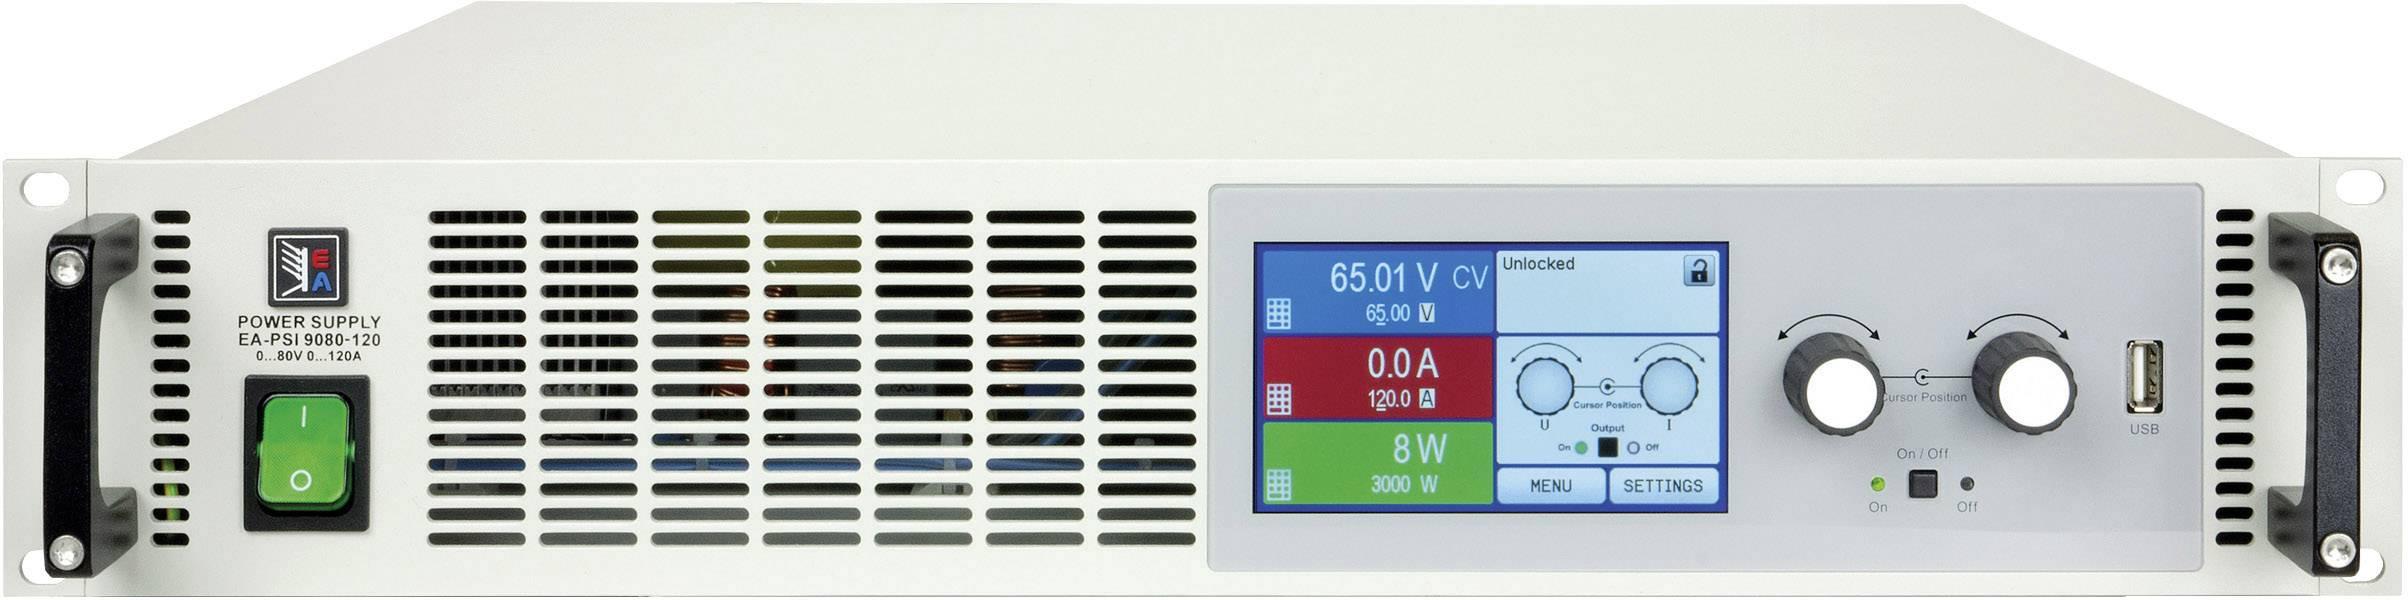 Programovateľný laboratórny zdroj EA EA-PSI 9500-10, 2U, 500 V, 10 A, 1500 W, USB